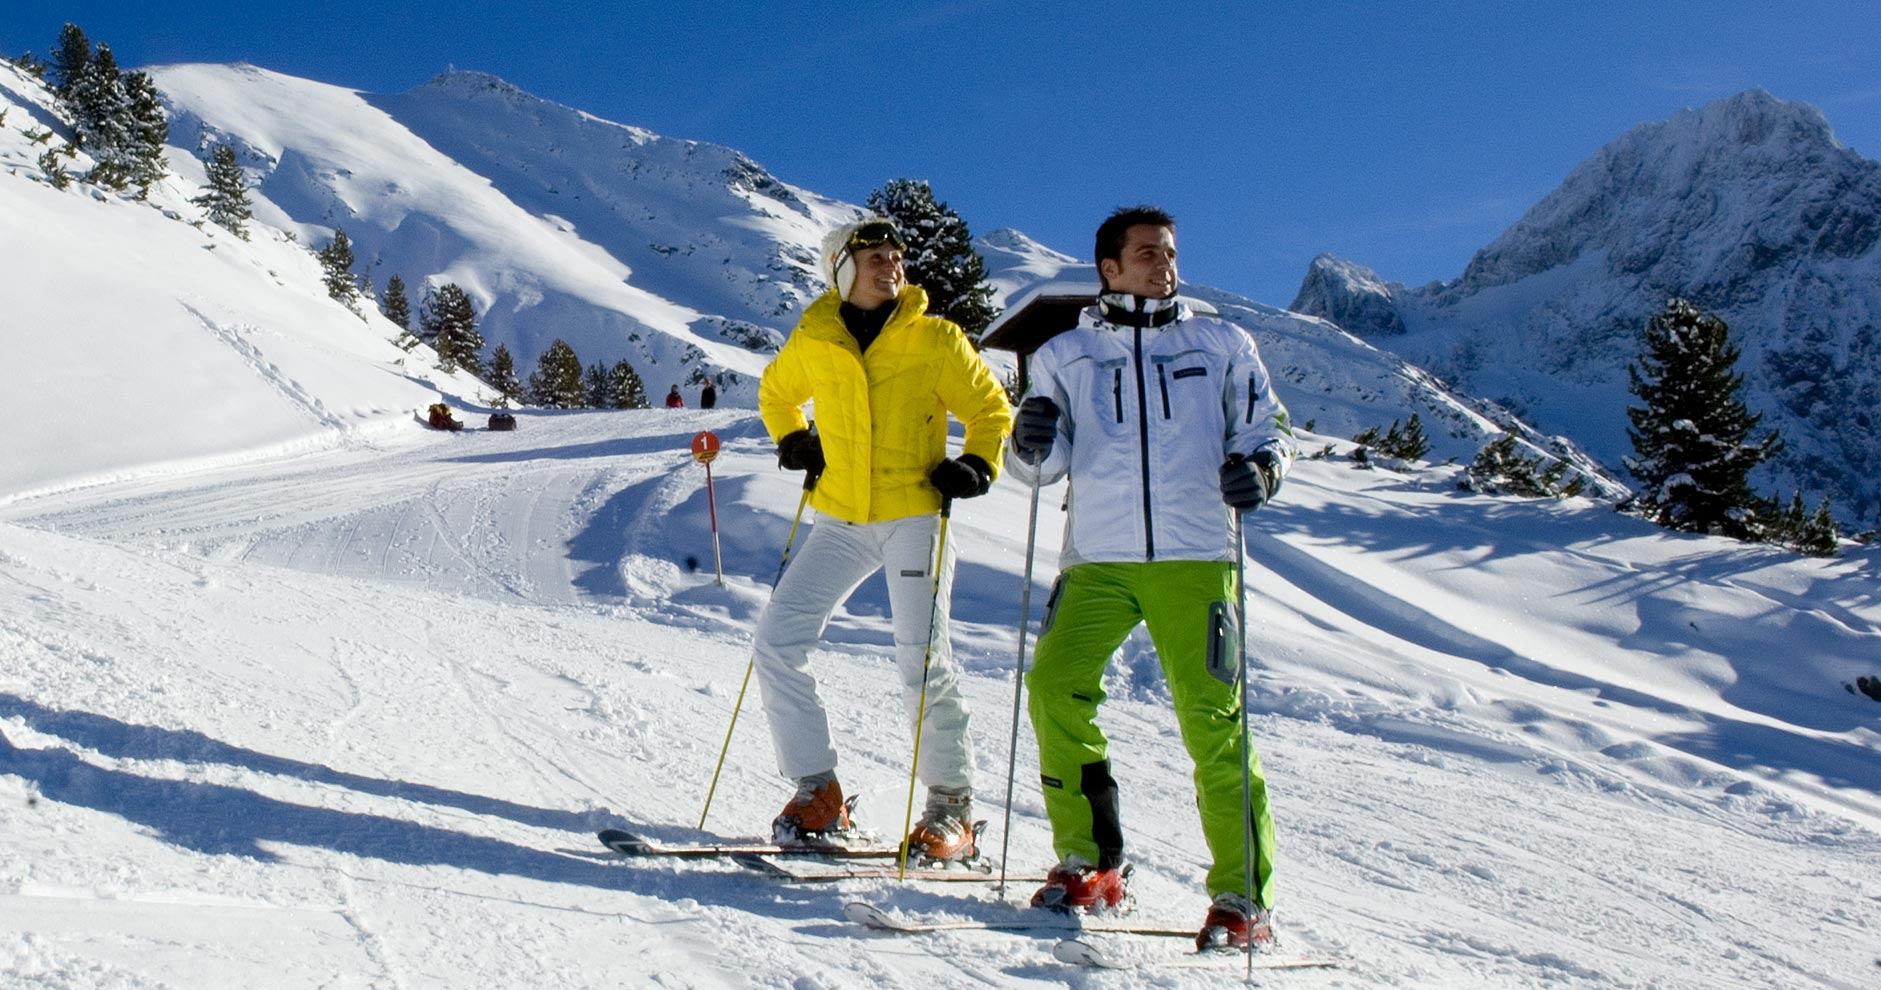 oetz_skigebiet_hochoetz_005